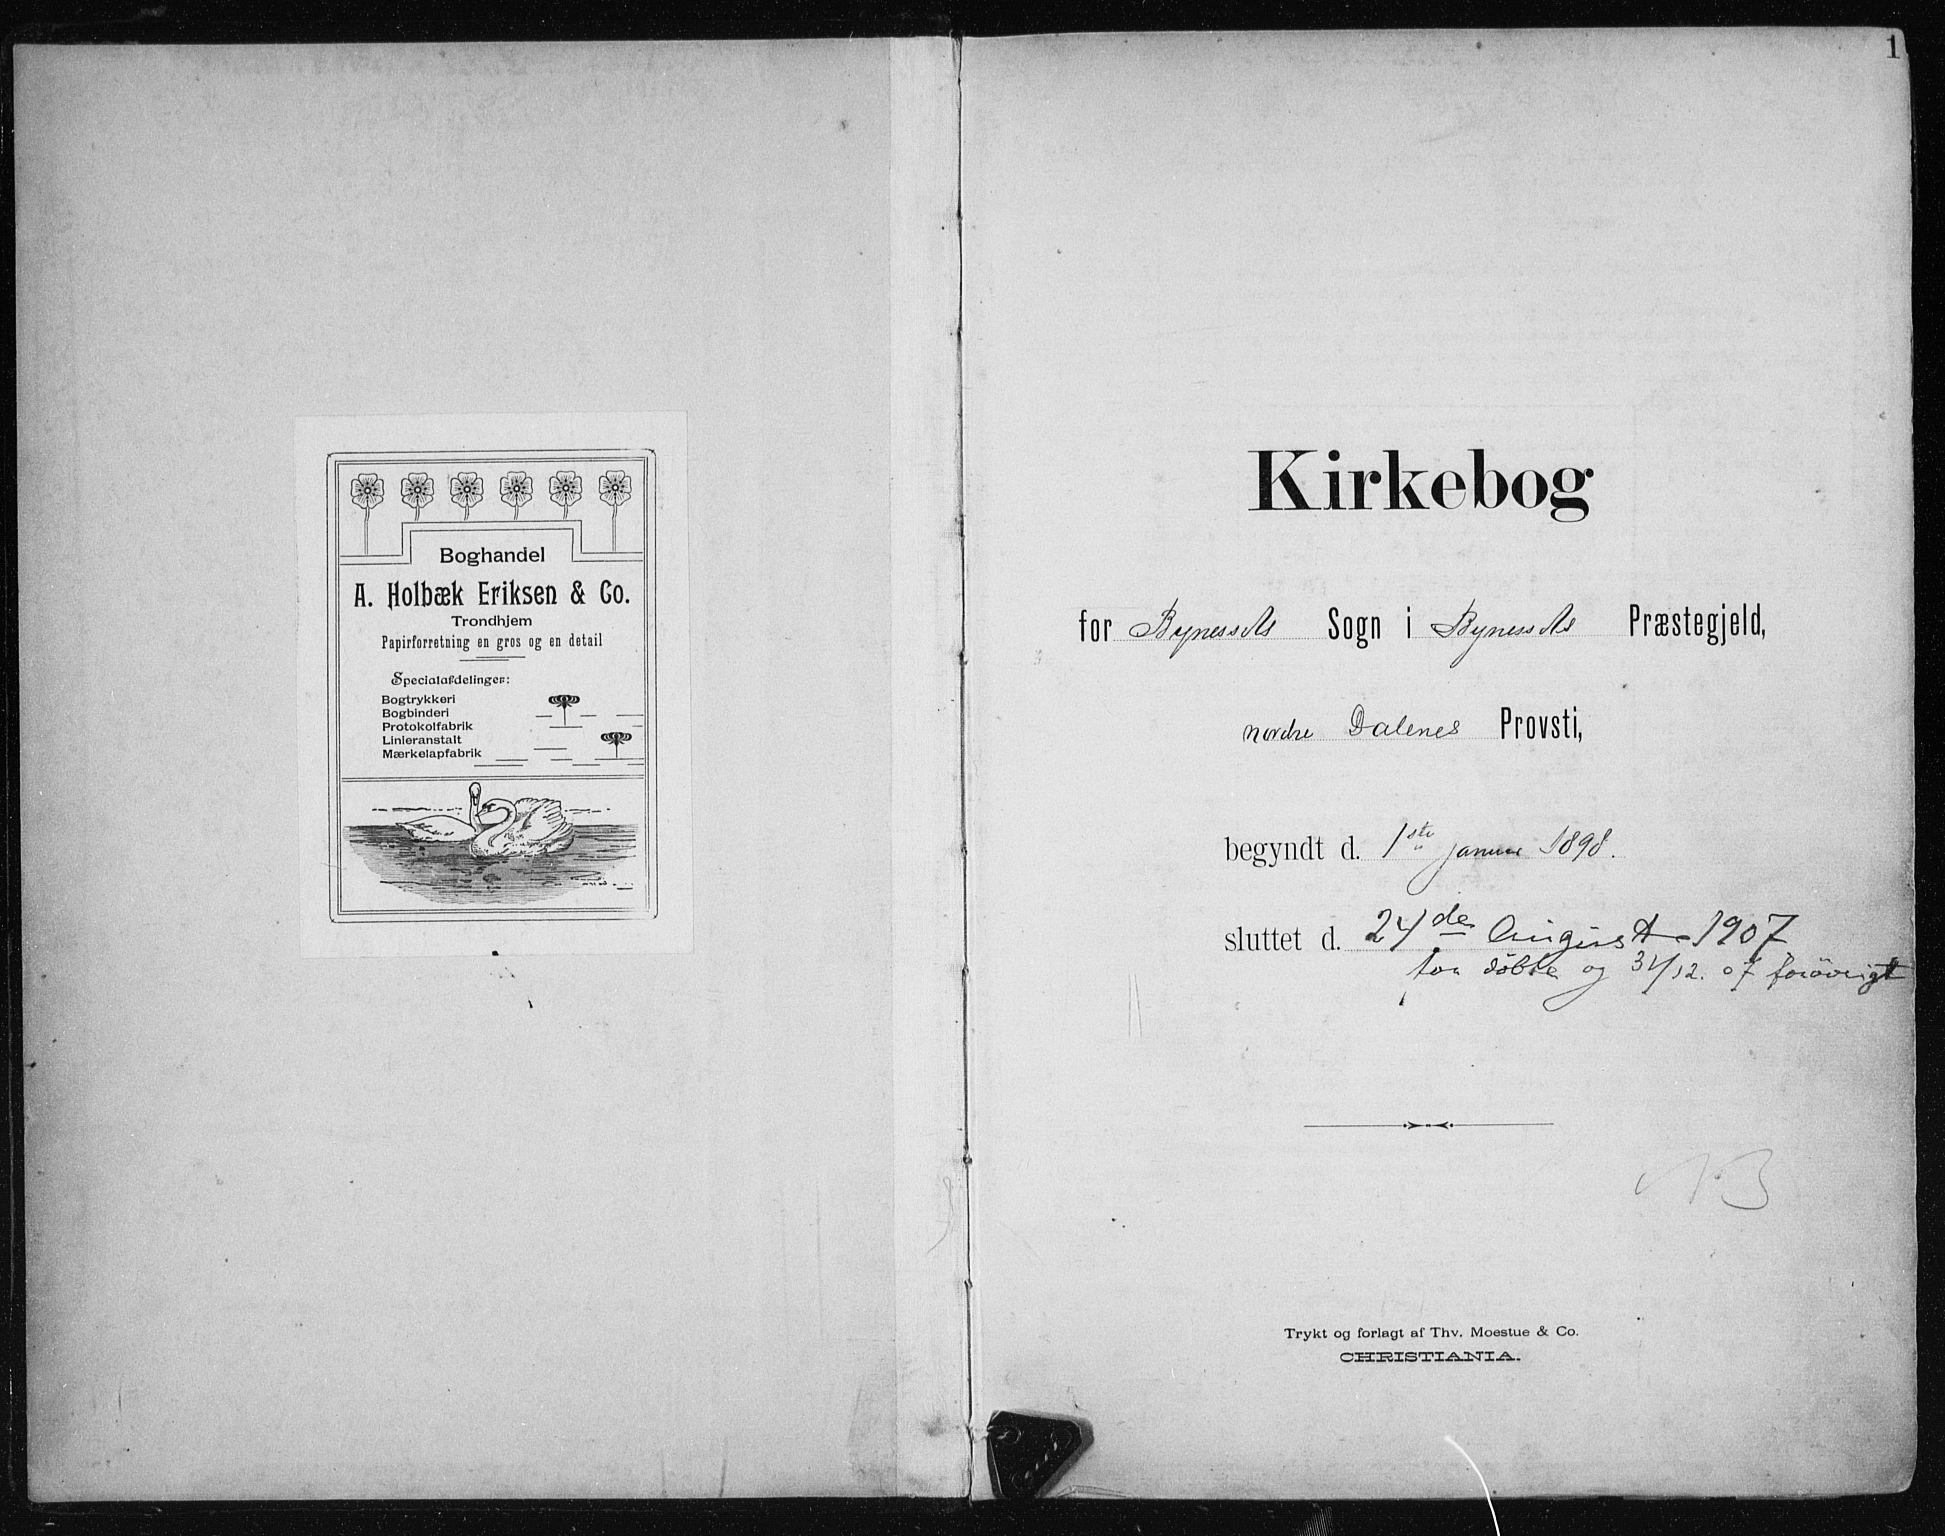 SAT, Ministerialprotokoller, klokkerbøker og fødselsregistre - Sør-Trøndelag, 612/L0380: Ministerialbok nr. 612A12, 1898-1907, s. 1